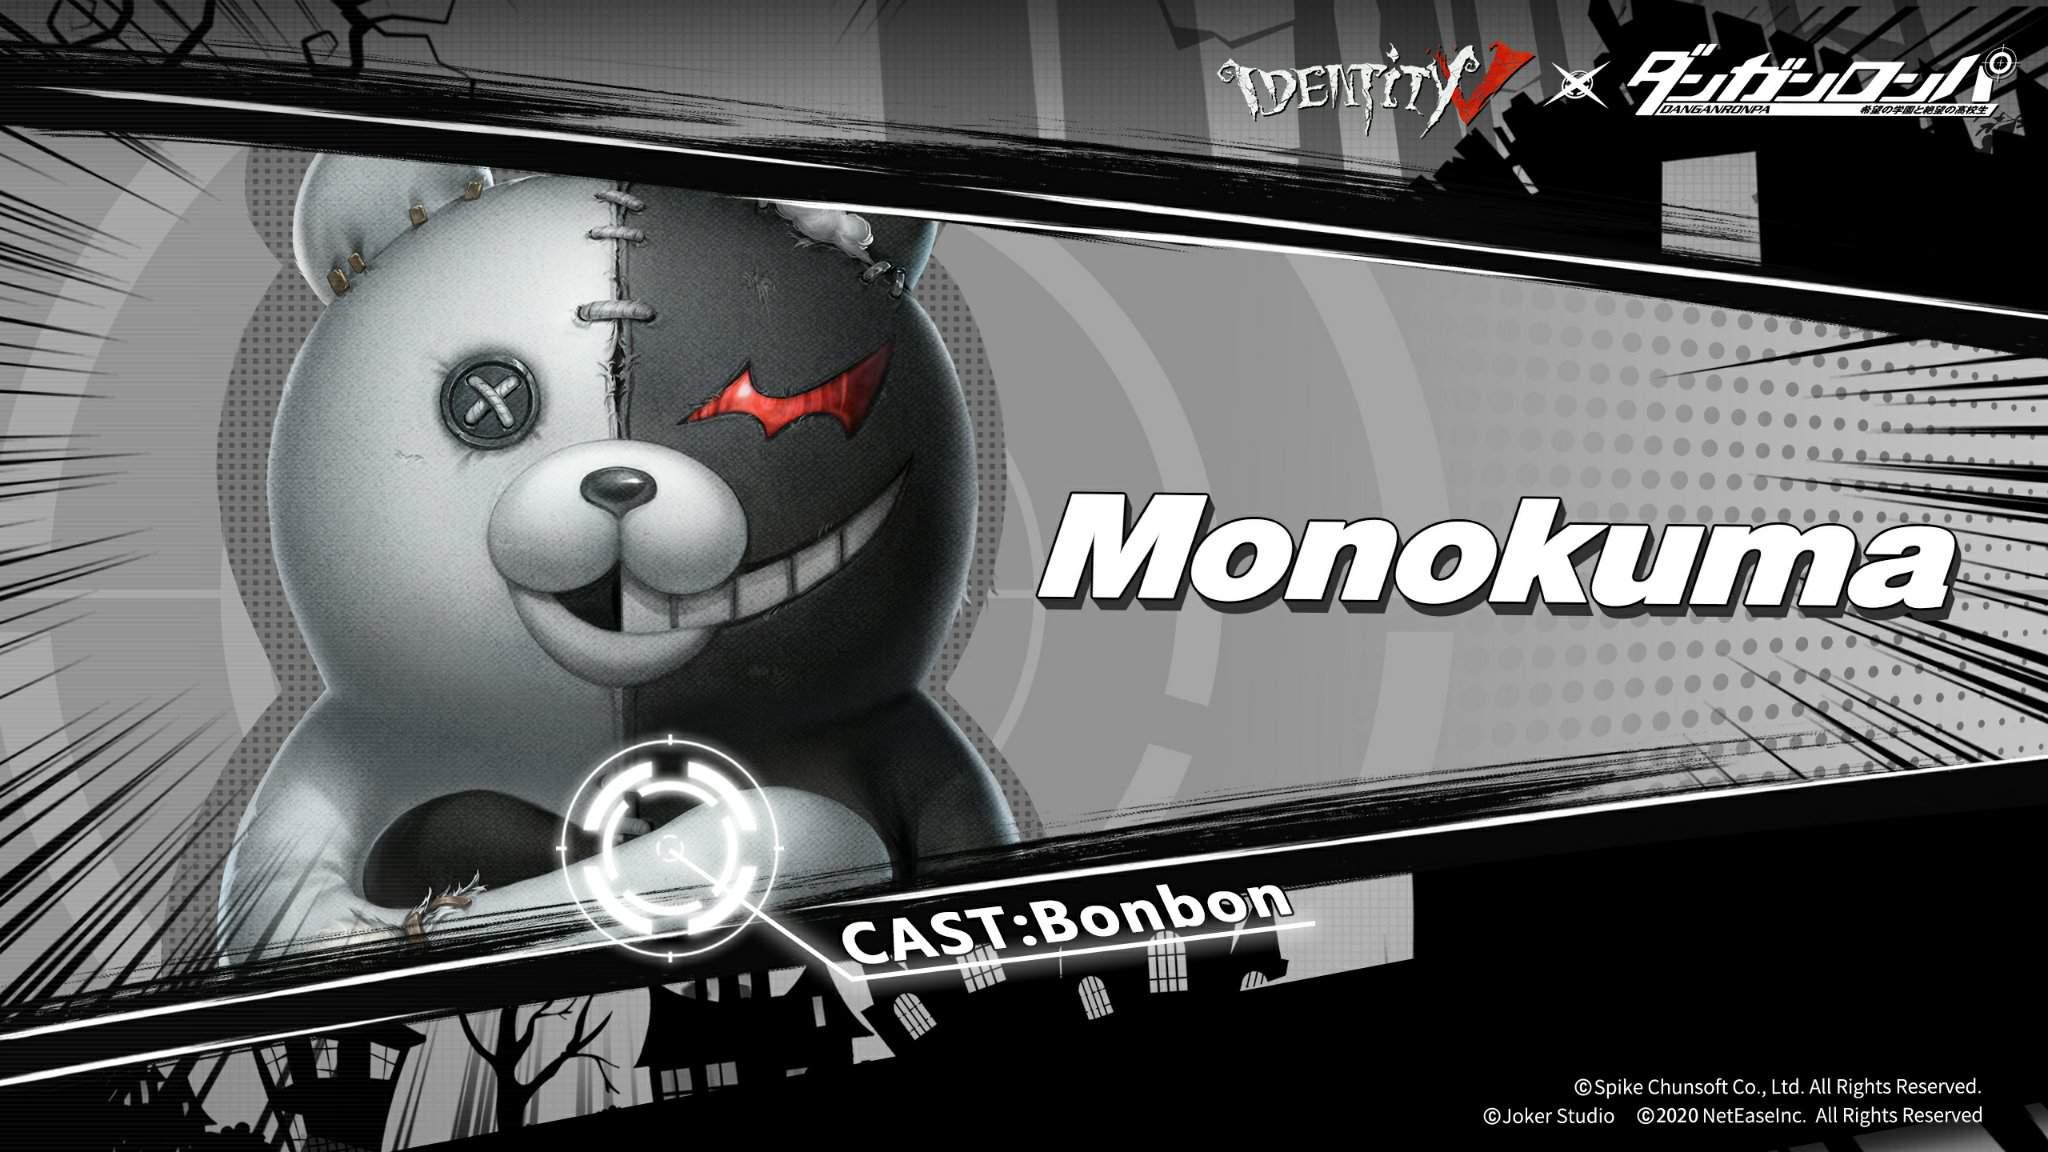 Identity V × Danganronpa - Monokuma | Identity V Official Amino